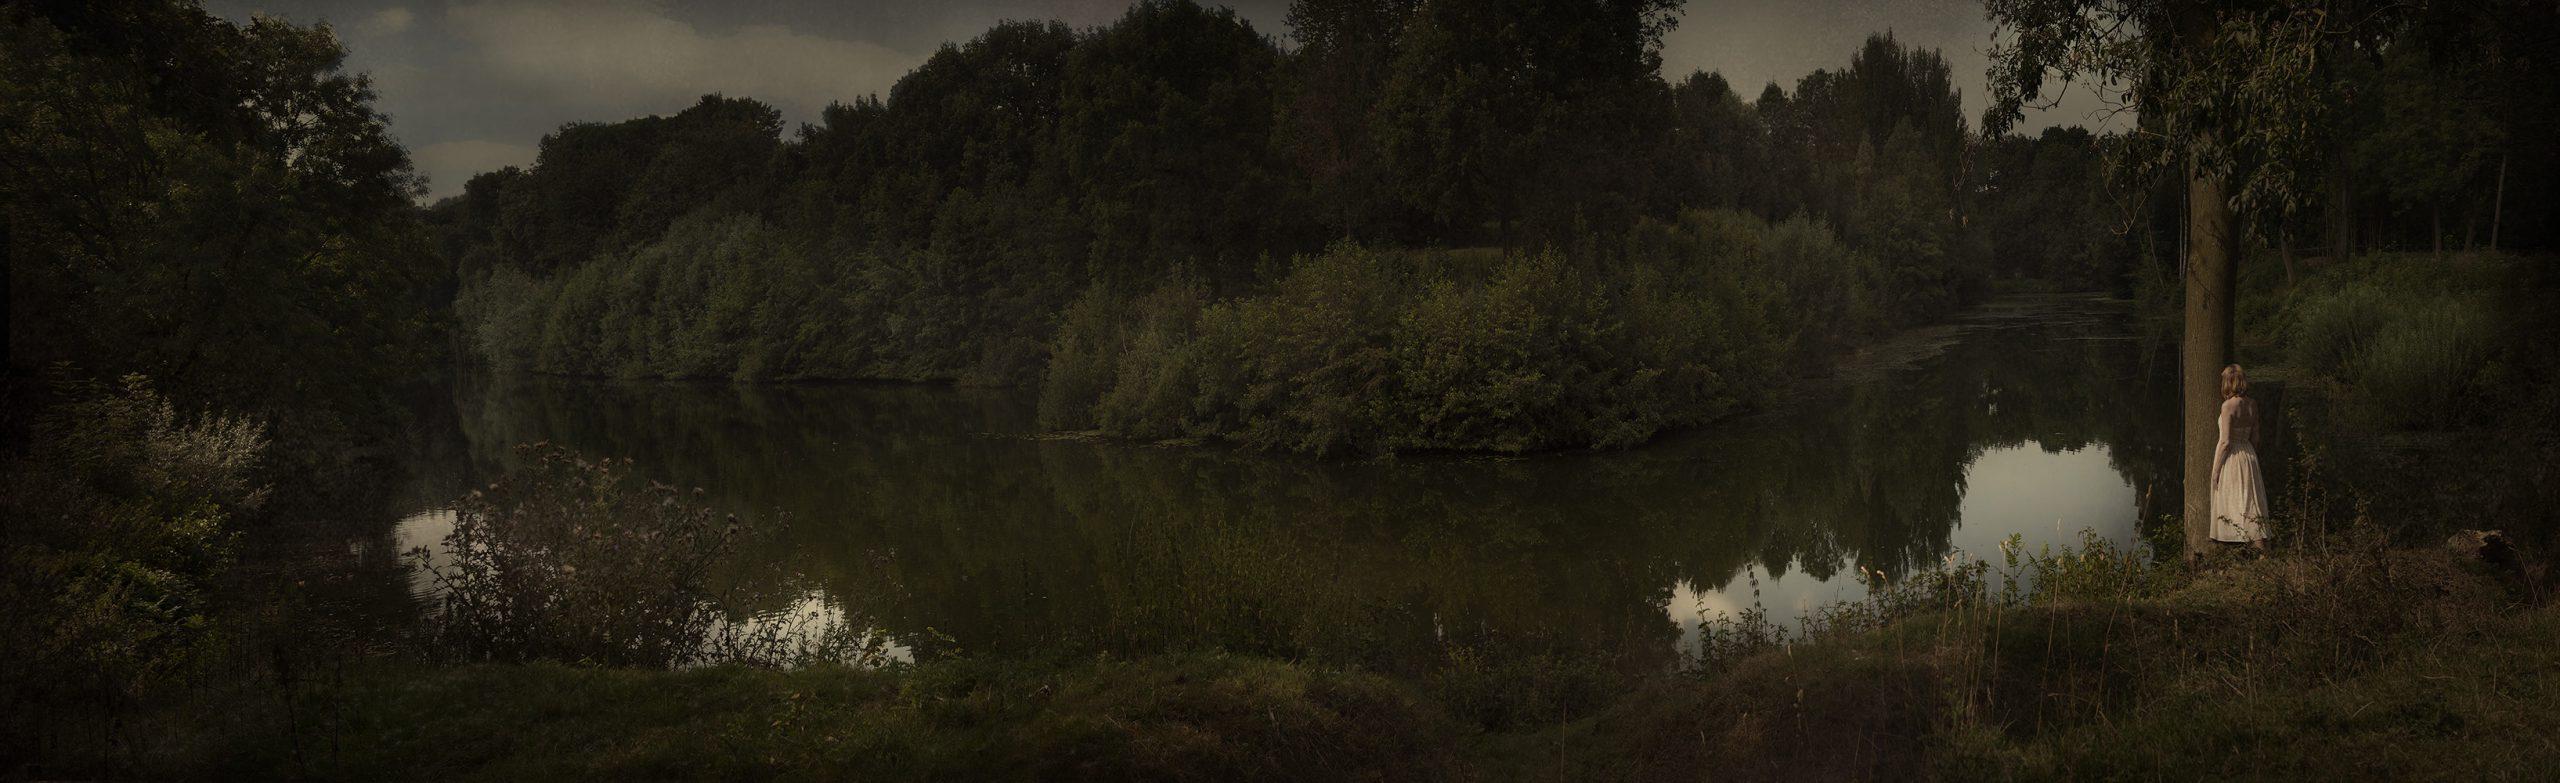 Panorama_Jacq_bewerkt_1_eind_klein